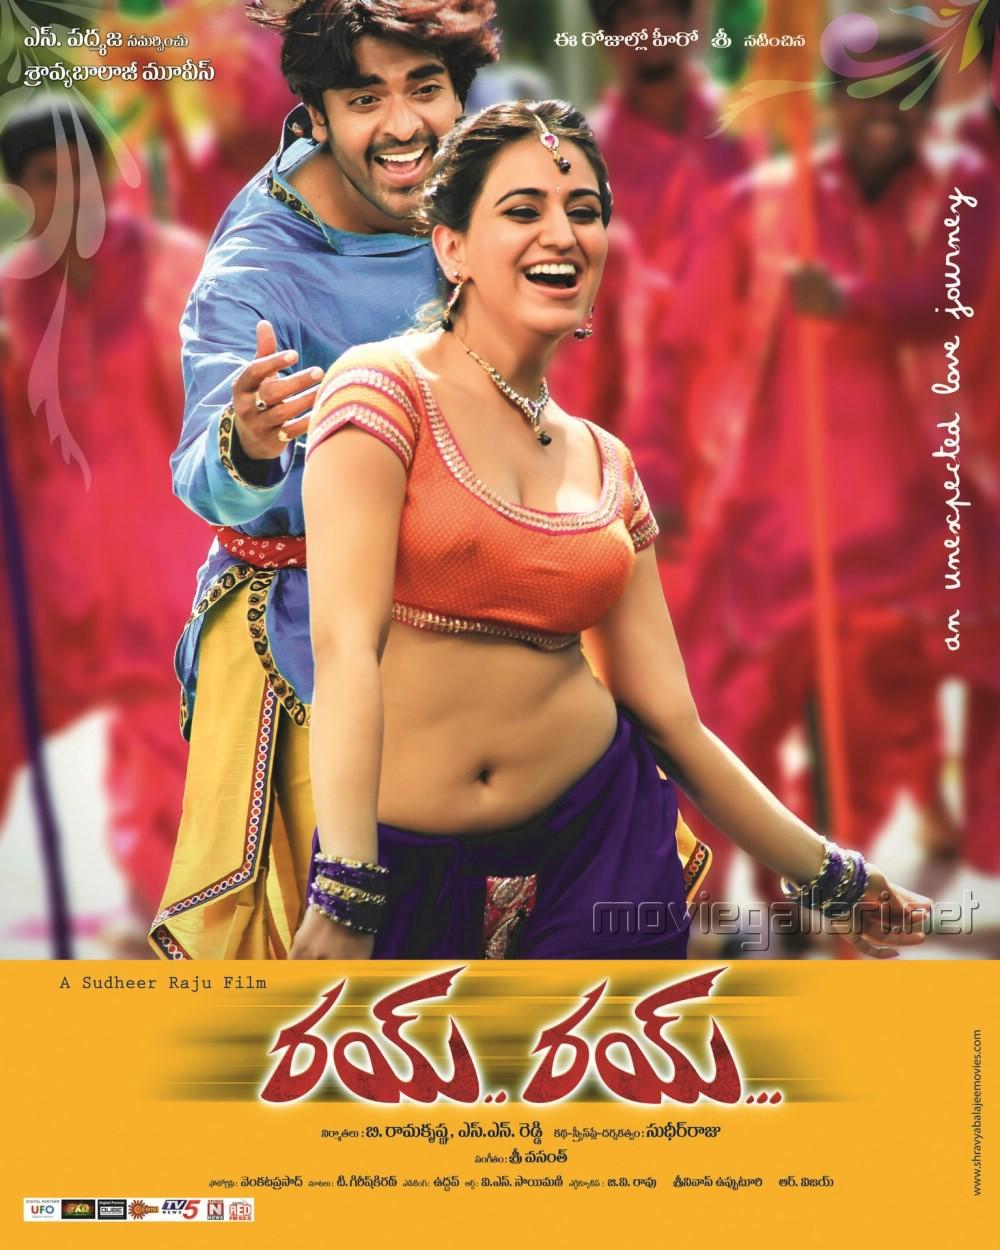 Telugu movies untouched